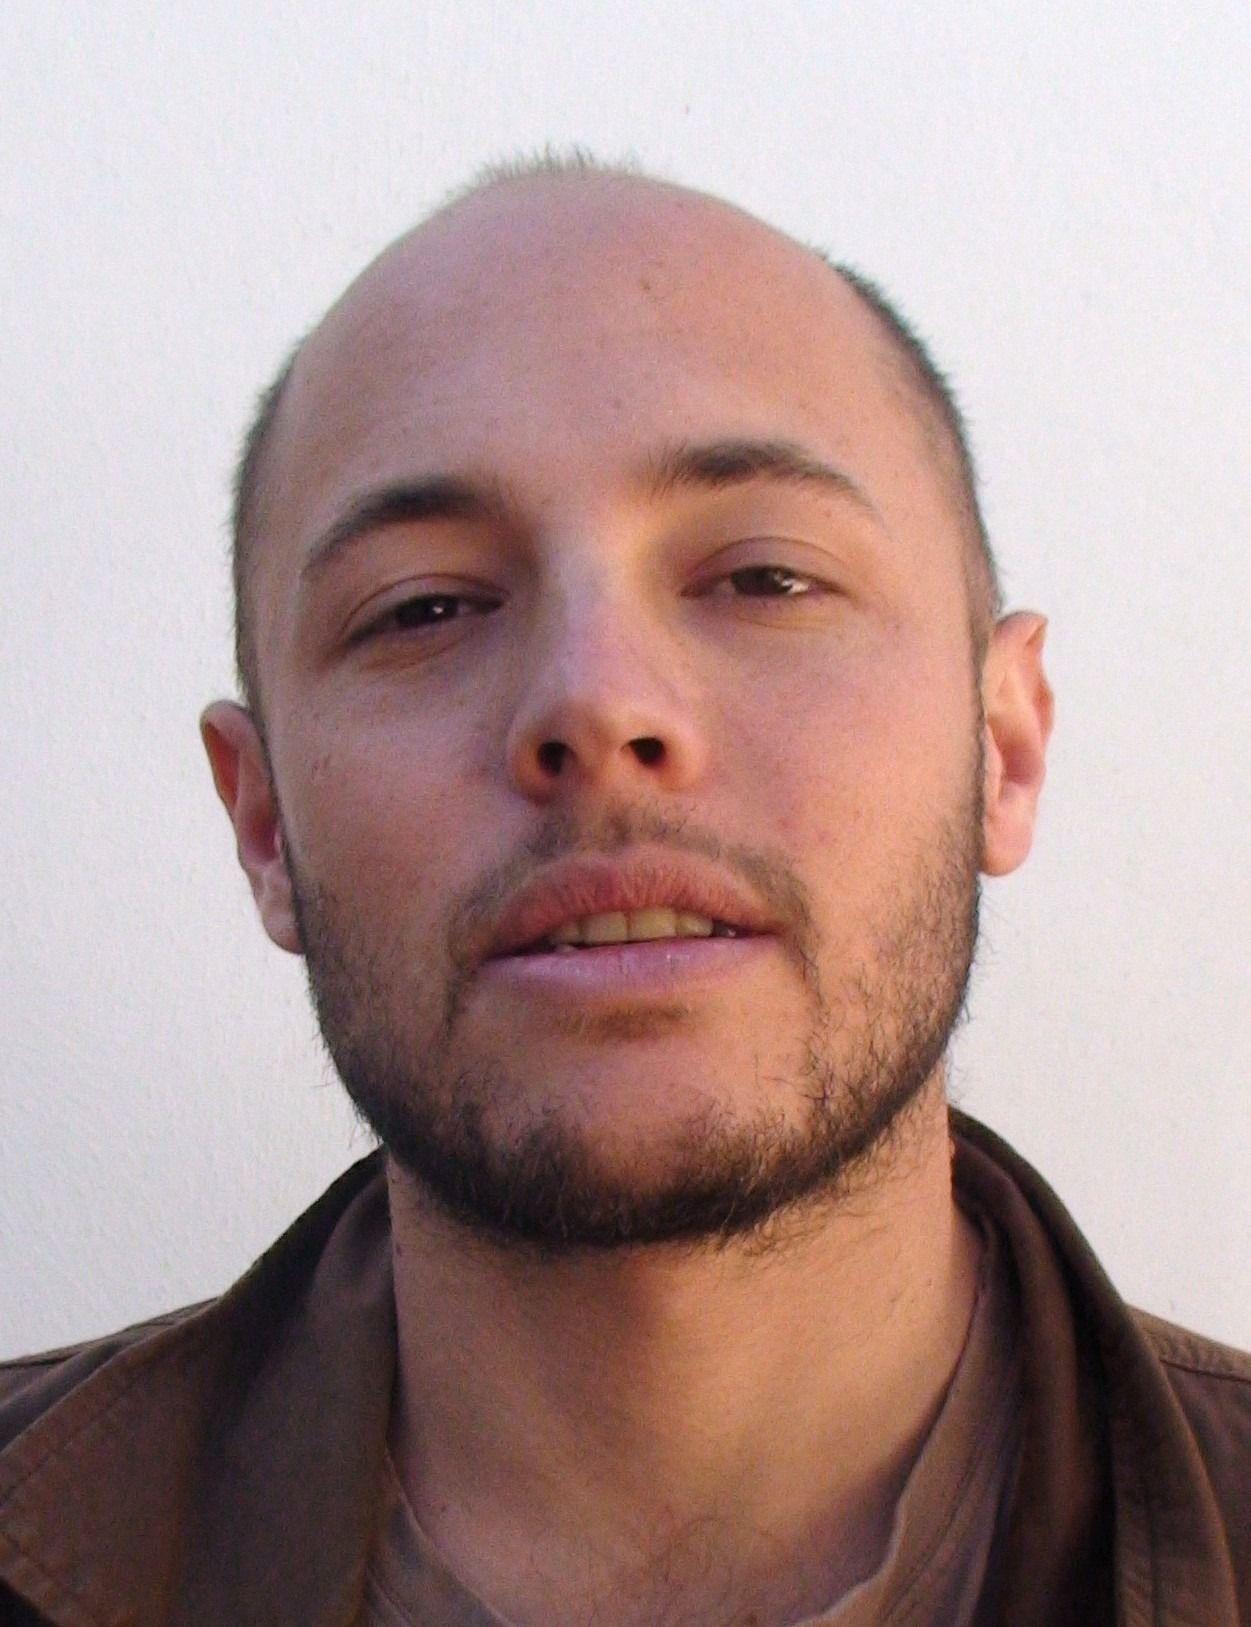 Jared Sacks